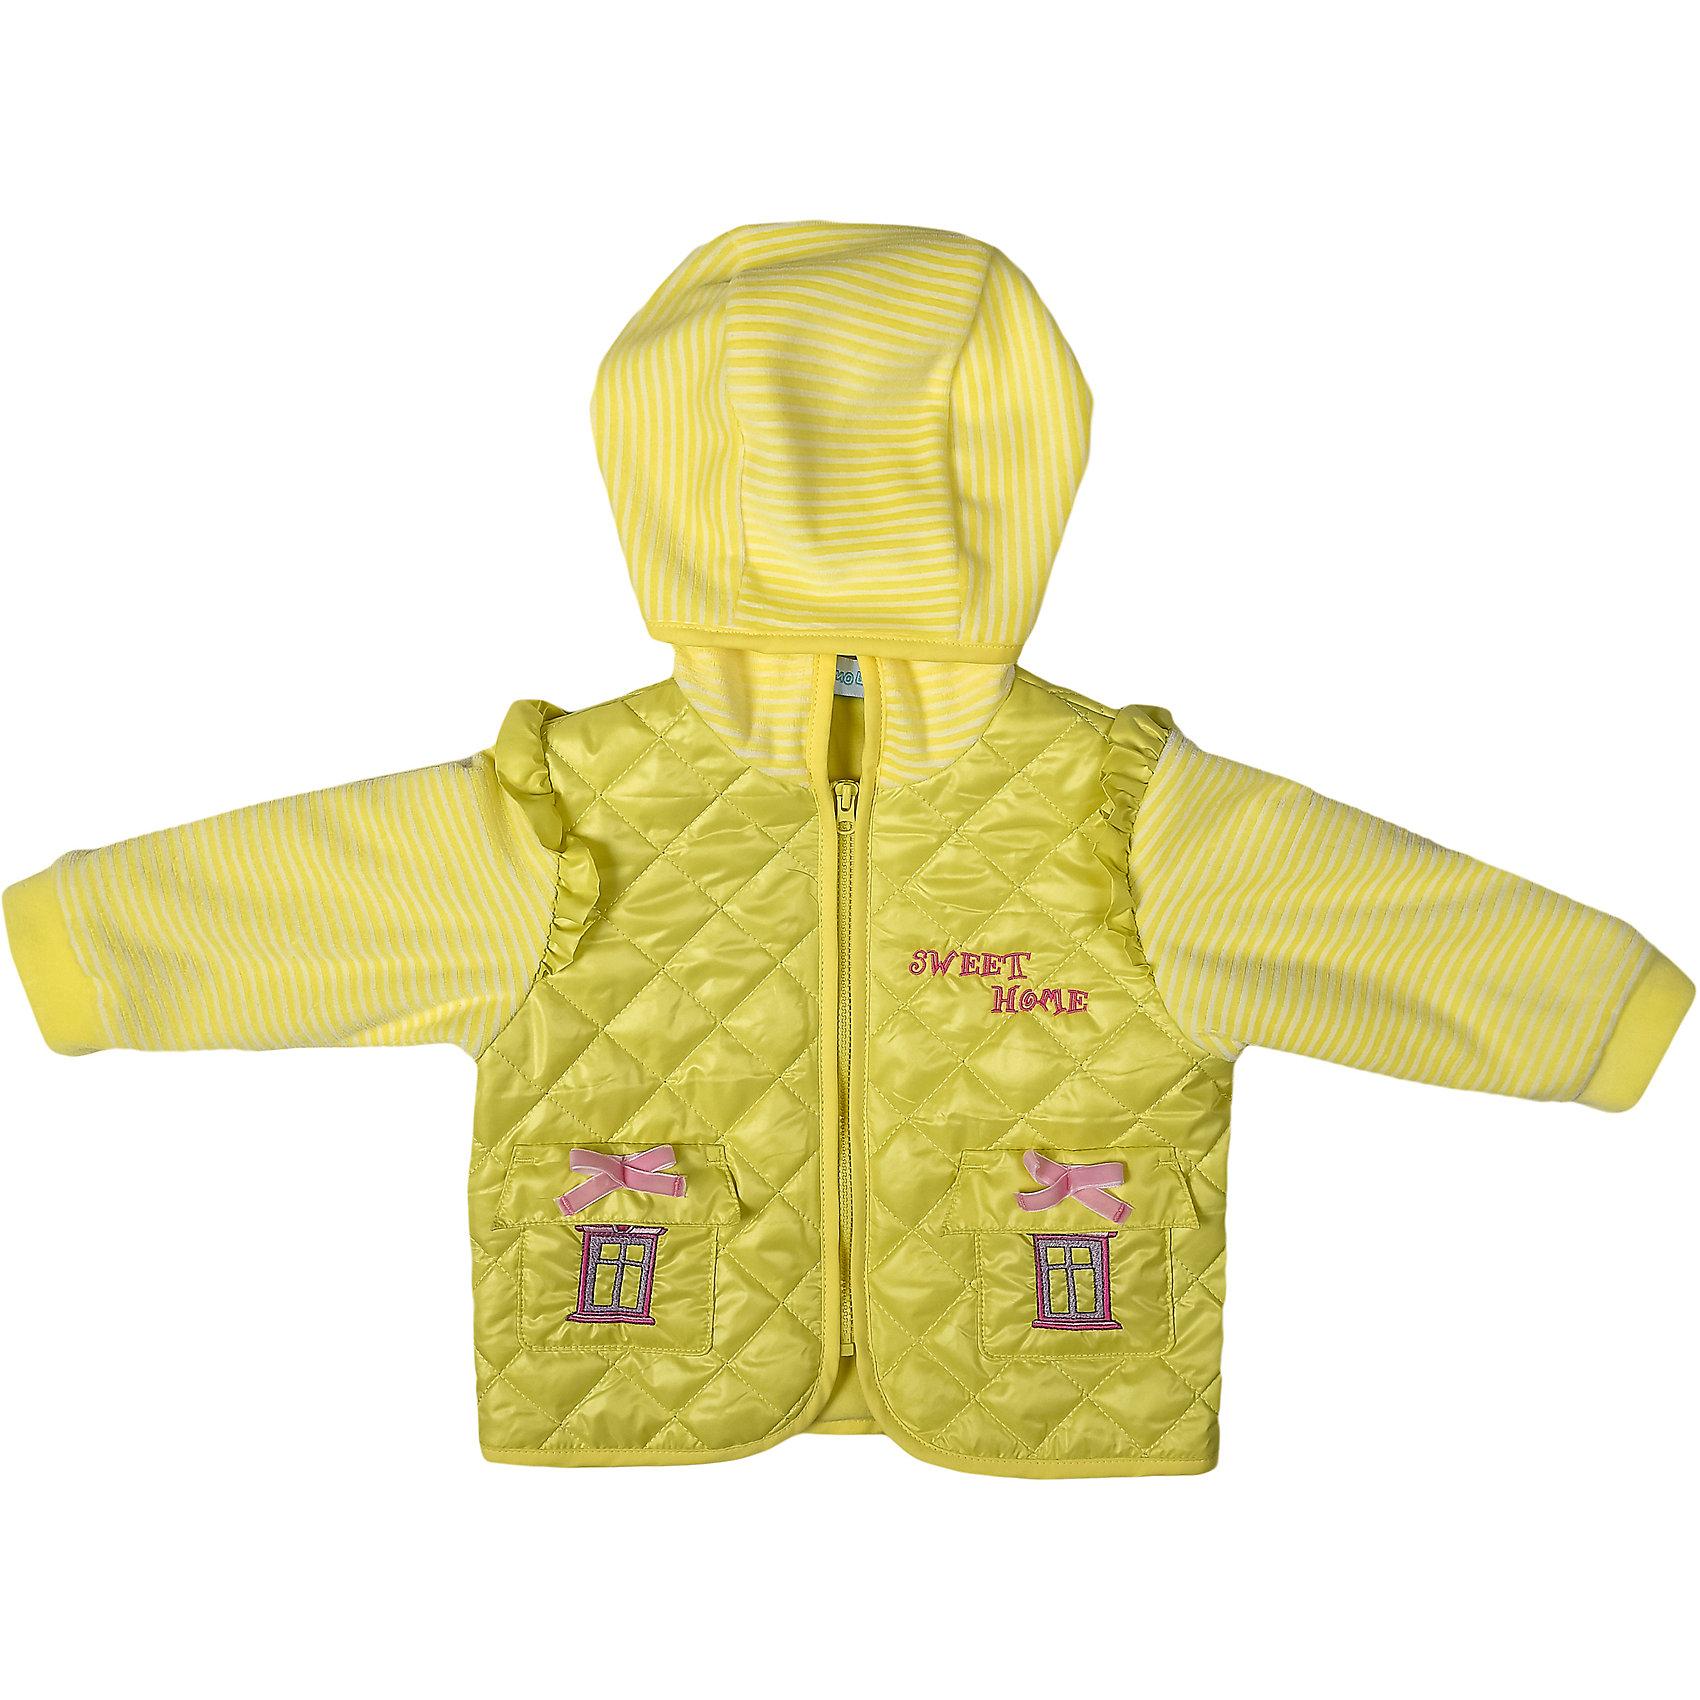 Куртка для девочки БимошаКуртка для девочки от марки Бимоша.<br>Куртка сочетает плащевую ткань и велюр. Модель дополнена капюшоном,  застежкой на молнии, двумя карманами, украшенными вышивкой.<br>Состав:<br>осн.ткань: плащевая Таффета 100% пэ                 подкладка: кулирная гладь хлопок 100%                                             утеплитель: синтепон 100%пэ                        отделка: трикотажное полотно: велюр 80% хлопок 20% пэ<br><br>Ширина мм: 356<br>Глубина мм: 10<br>Высота мм: 245<br>Вес г: 519<br>Цвет: желтый<br>Возраст от месяцев: 18<br>Возраст до месяцев: 24<br>Пол: Женский<br>Возраст: Детский<br>Размер: 92,86,74,80<br>SKU: 4578823